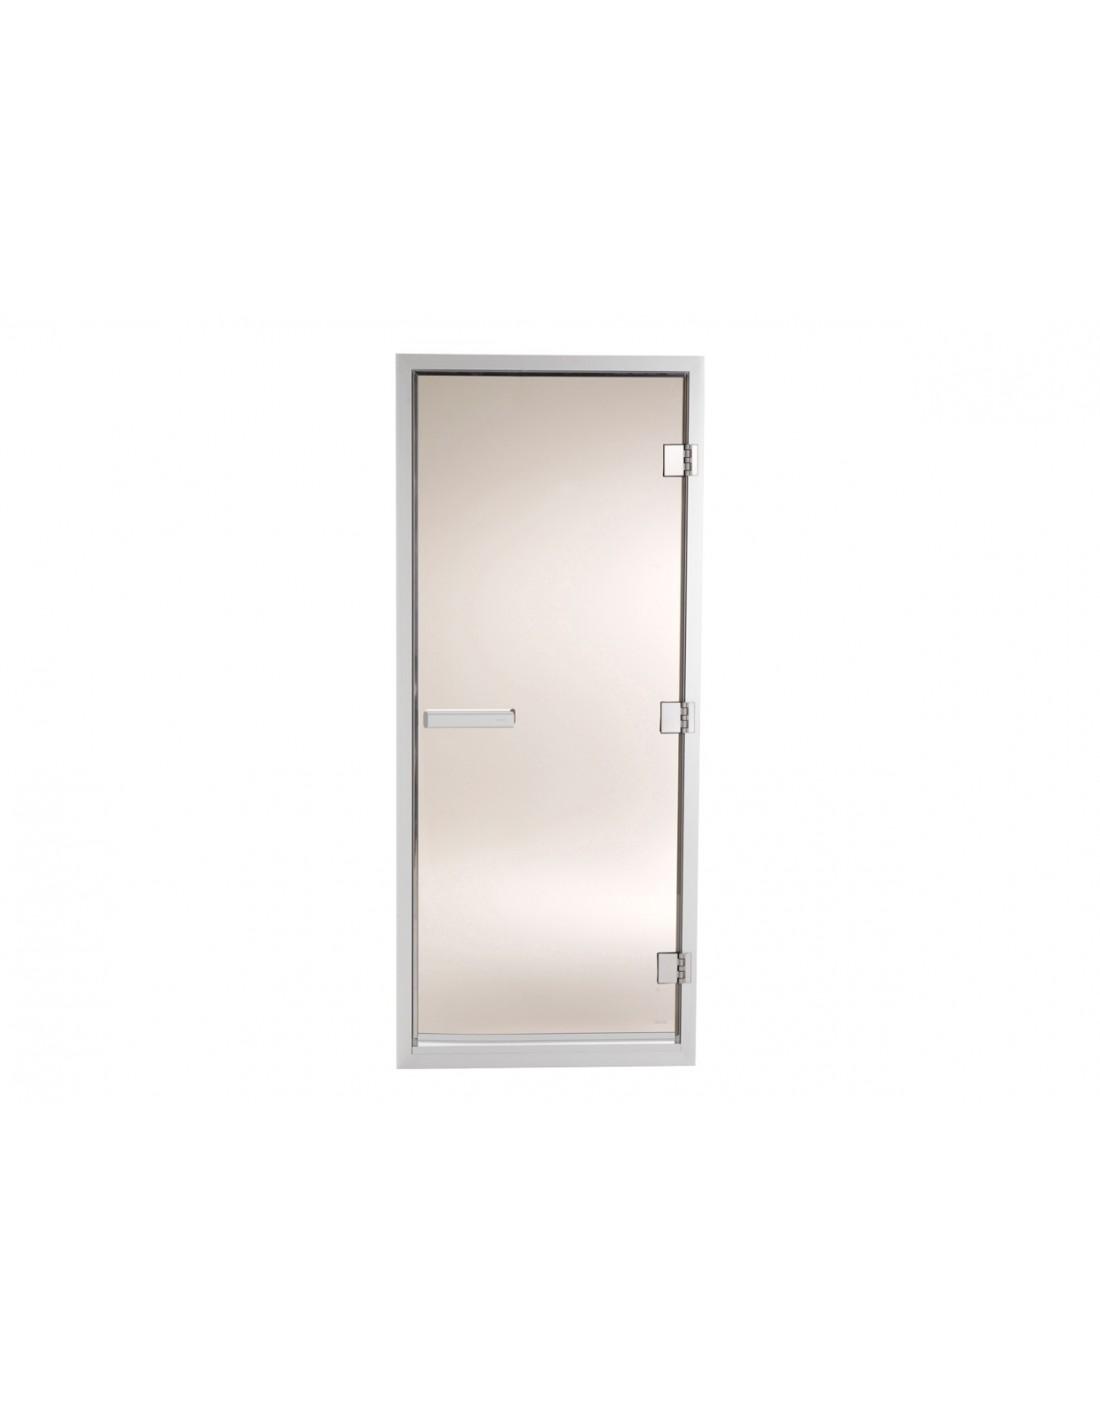 Puertas Para Baños De Vapor: es/663-large_default/puerta-de-bano-de-vapor-60g-blanca-tintadojpg